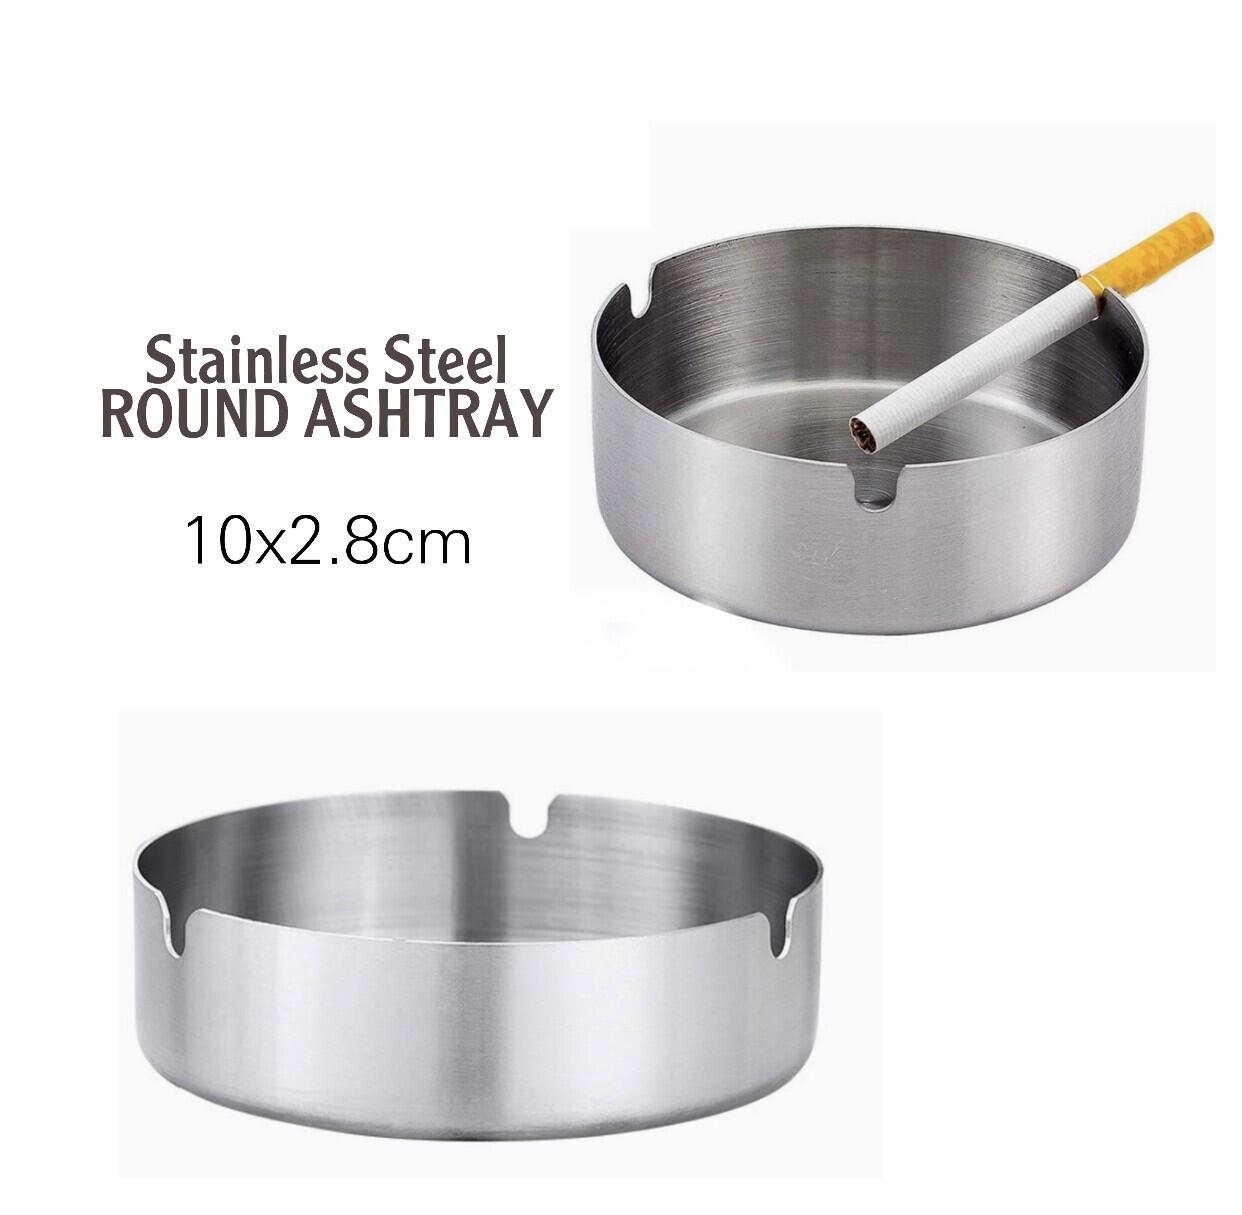 Round Heavy Ashtray